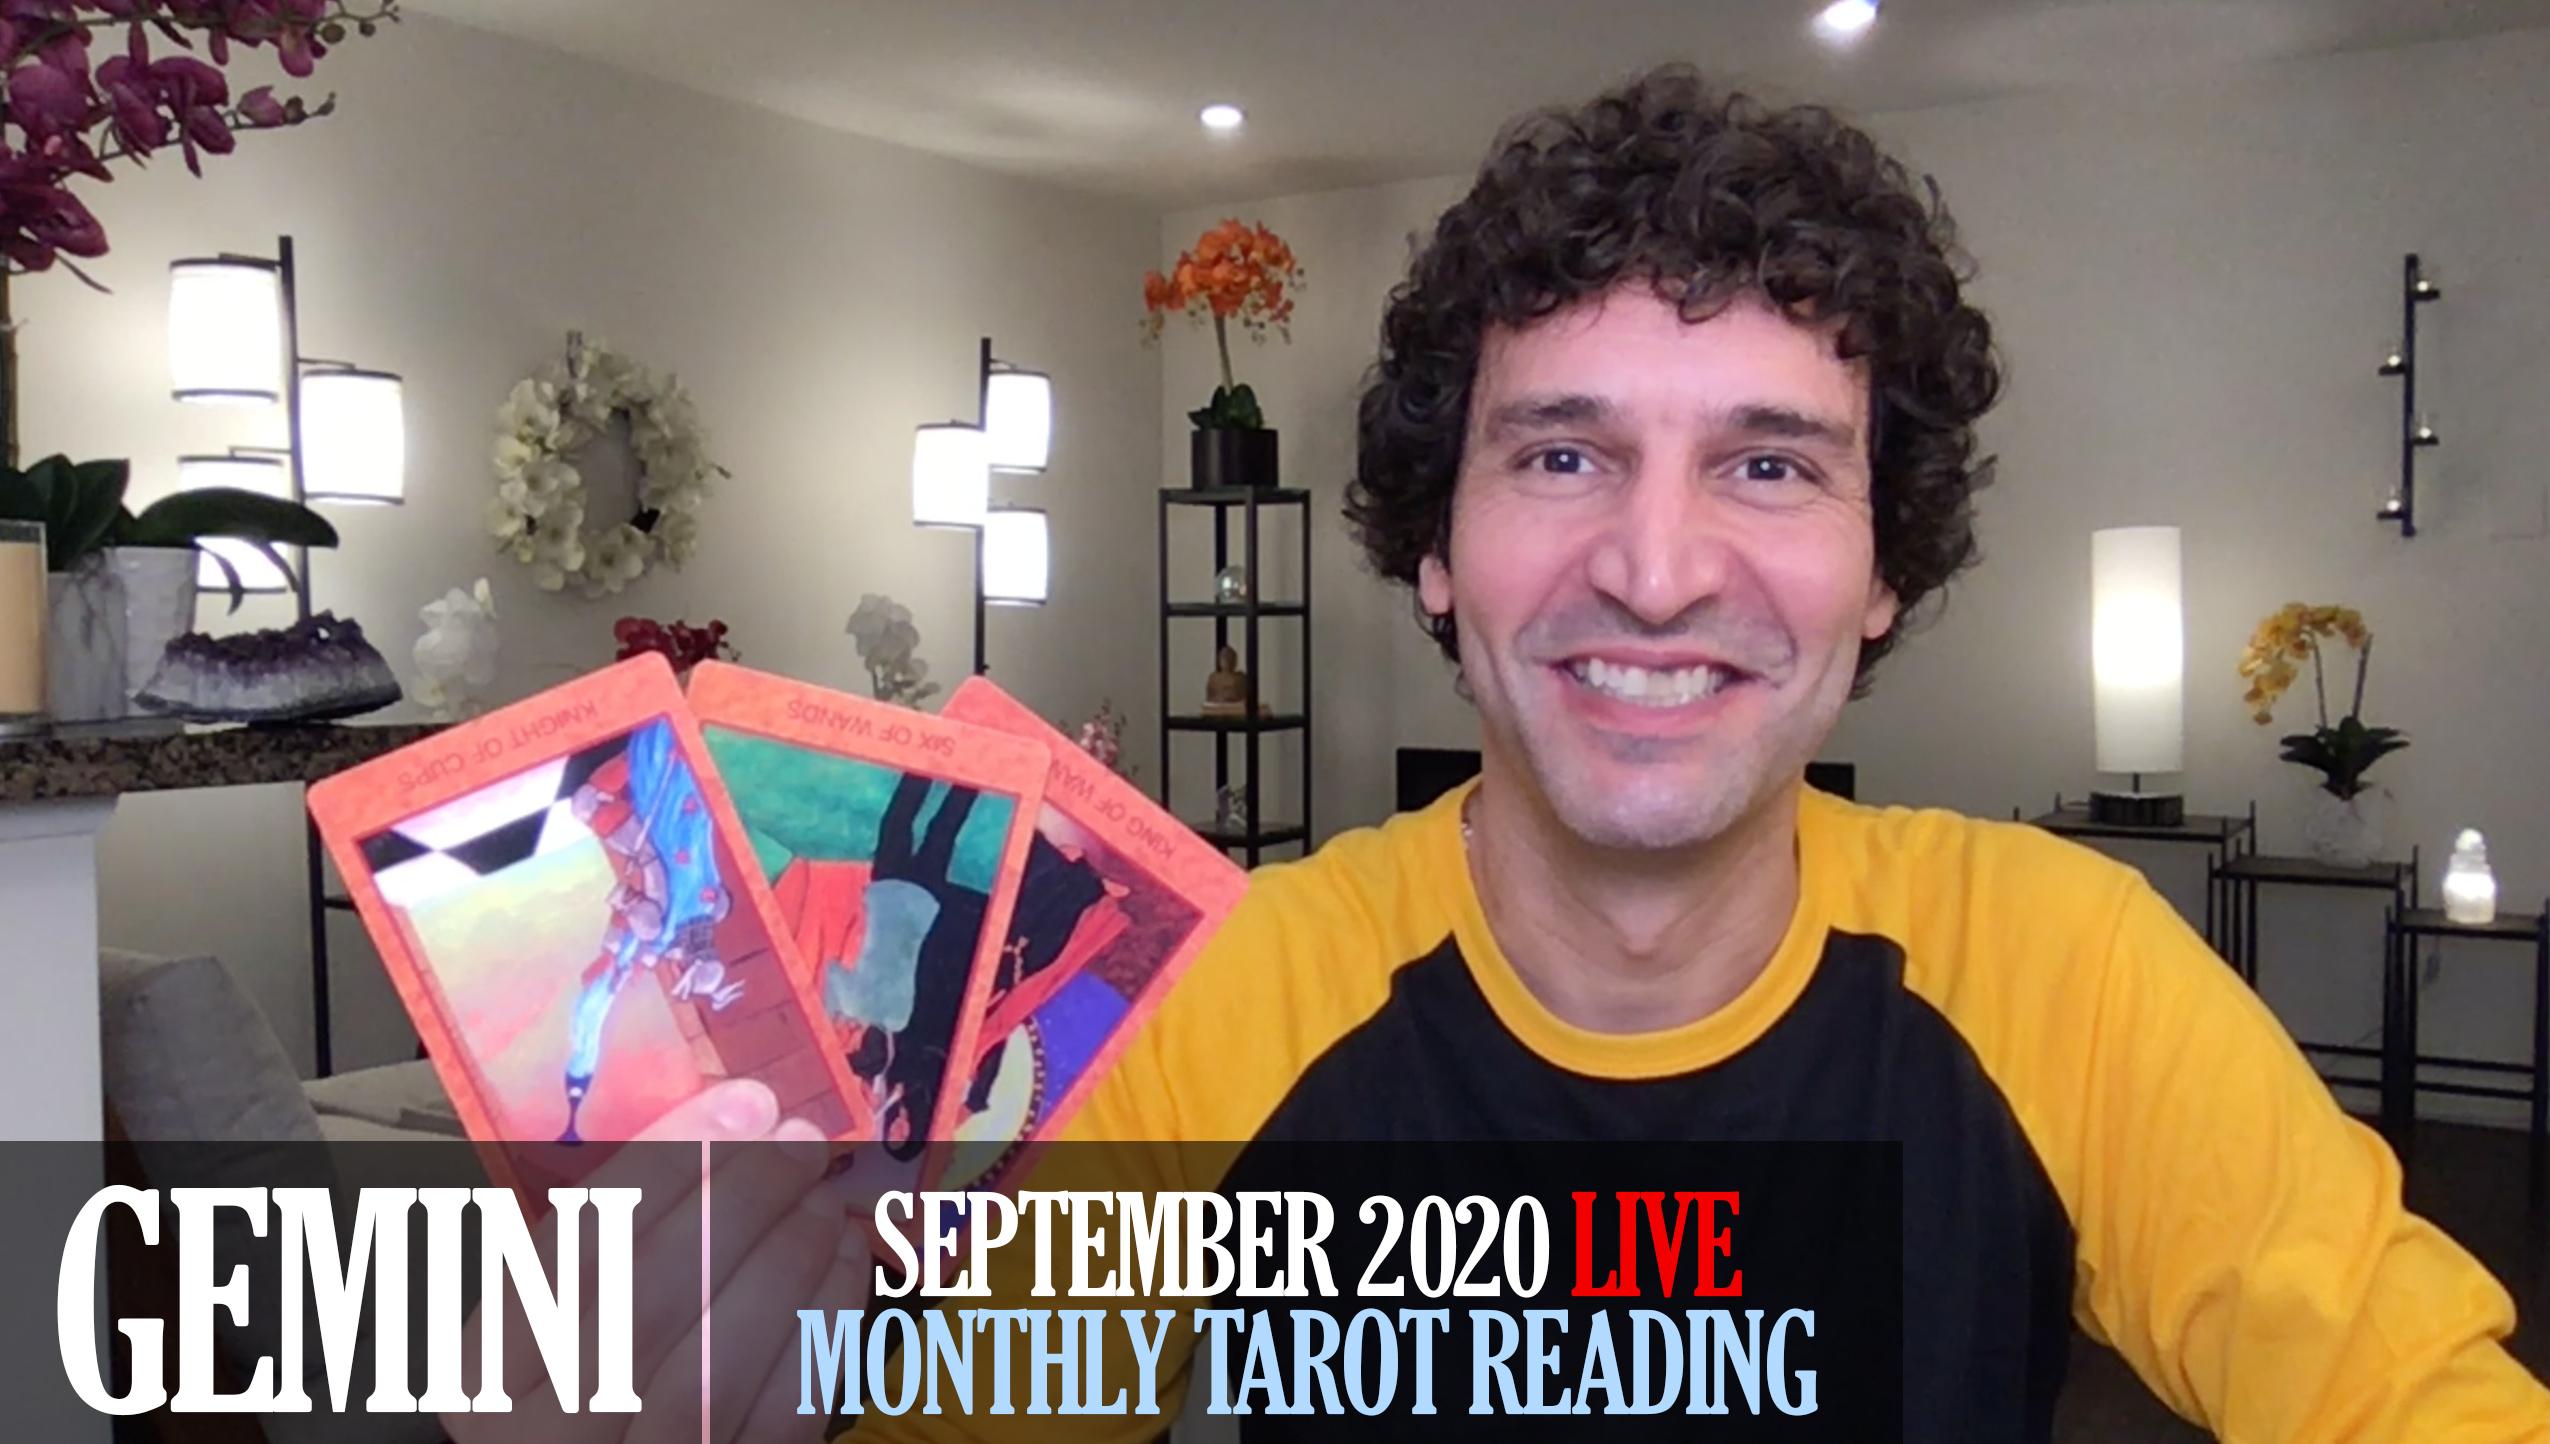 Monthly September 2020 Tarot Reading